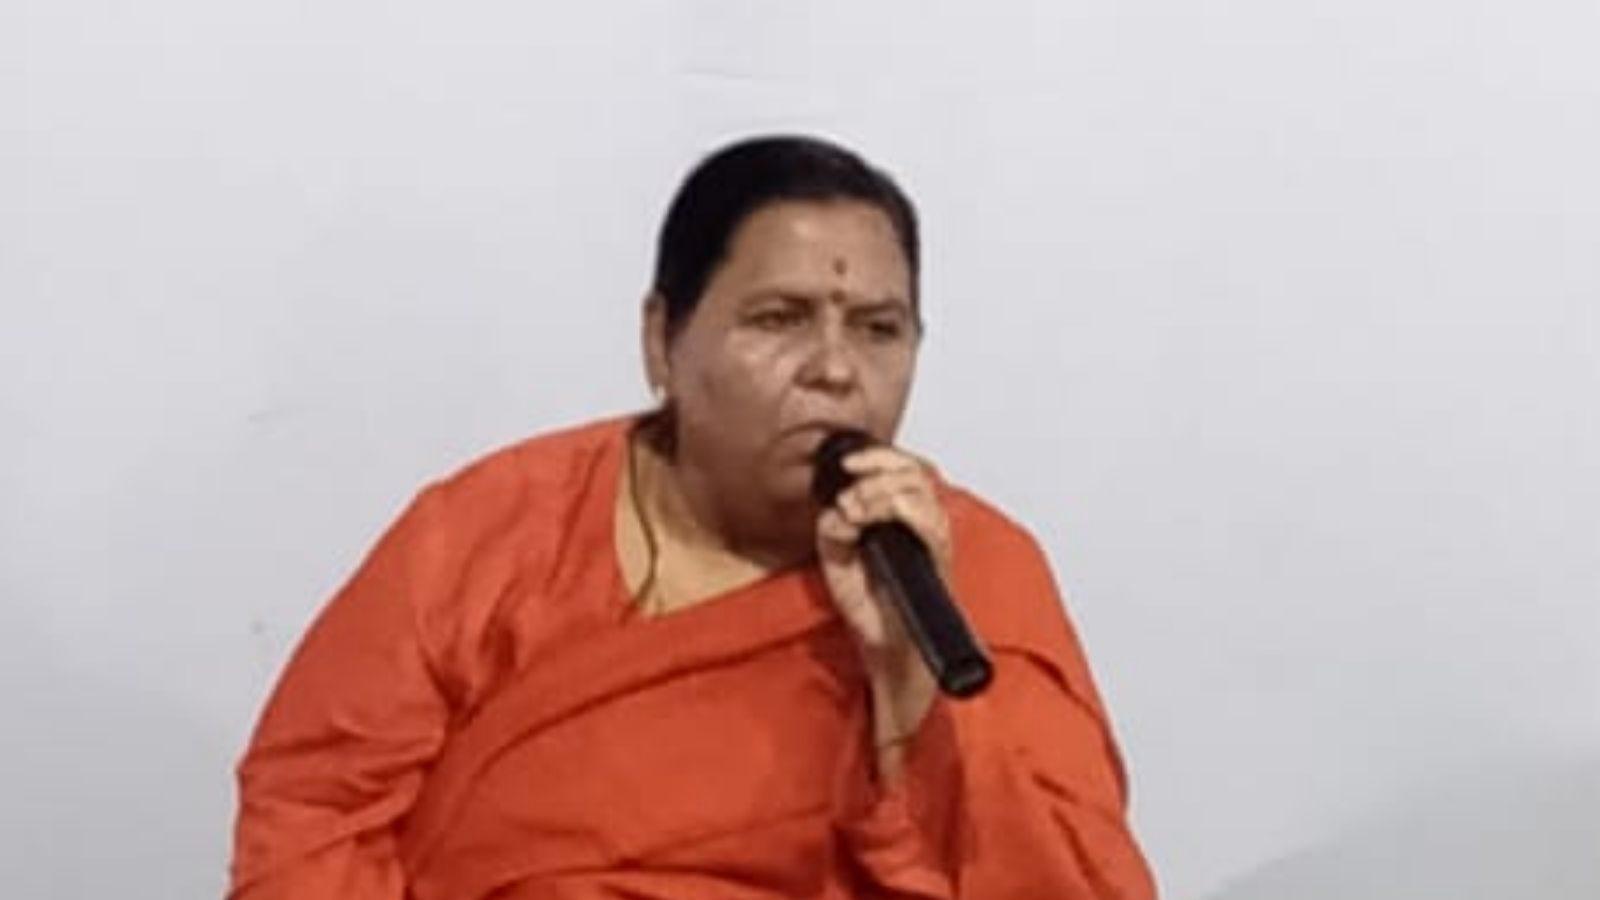 MP News: सरकार के खिलाफ डंडा उठाने को तैयार उमा भारती, कहा- बिना सख्ती के नहीं चलेगा काम